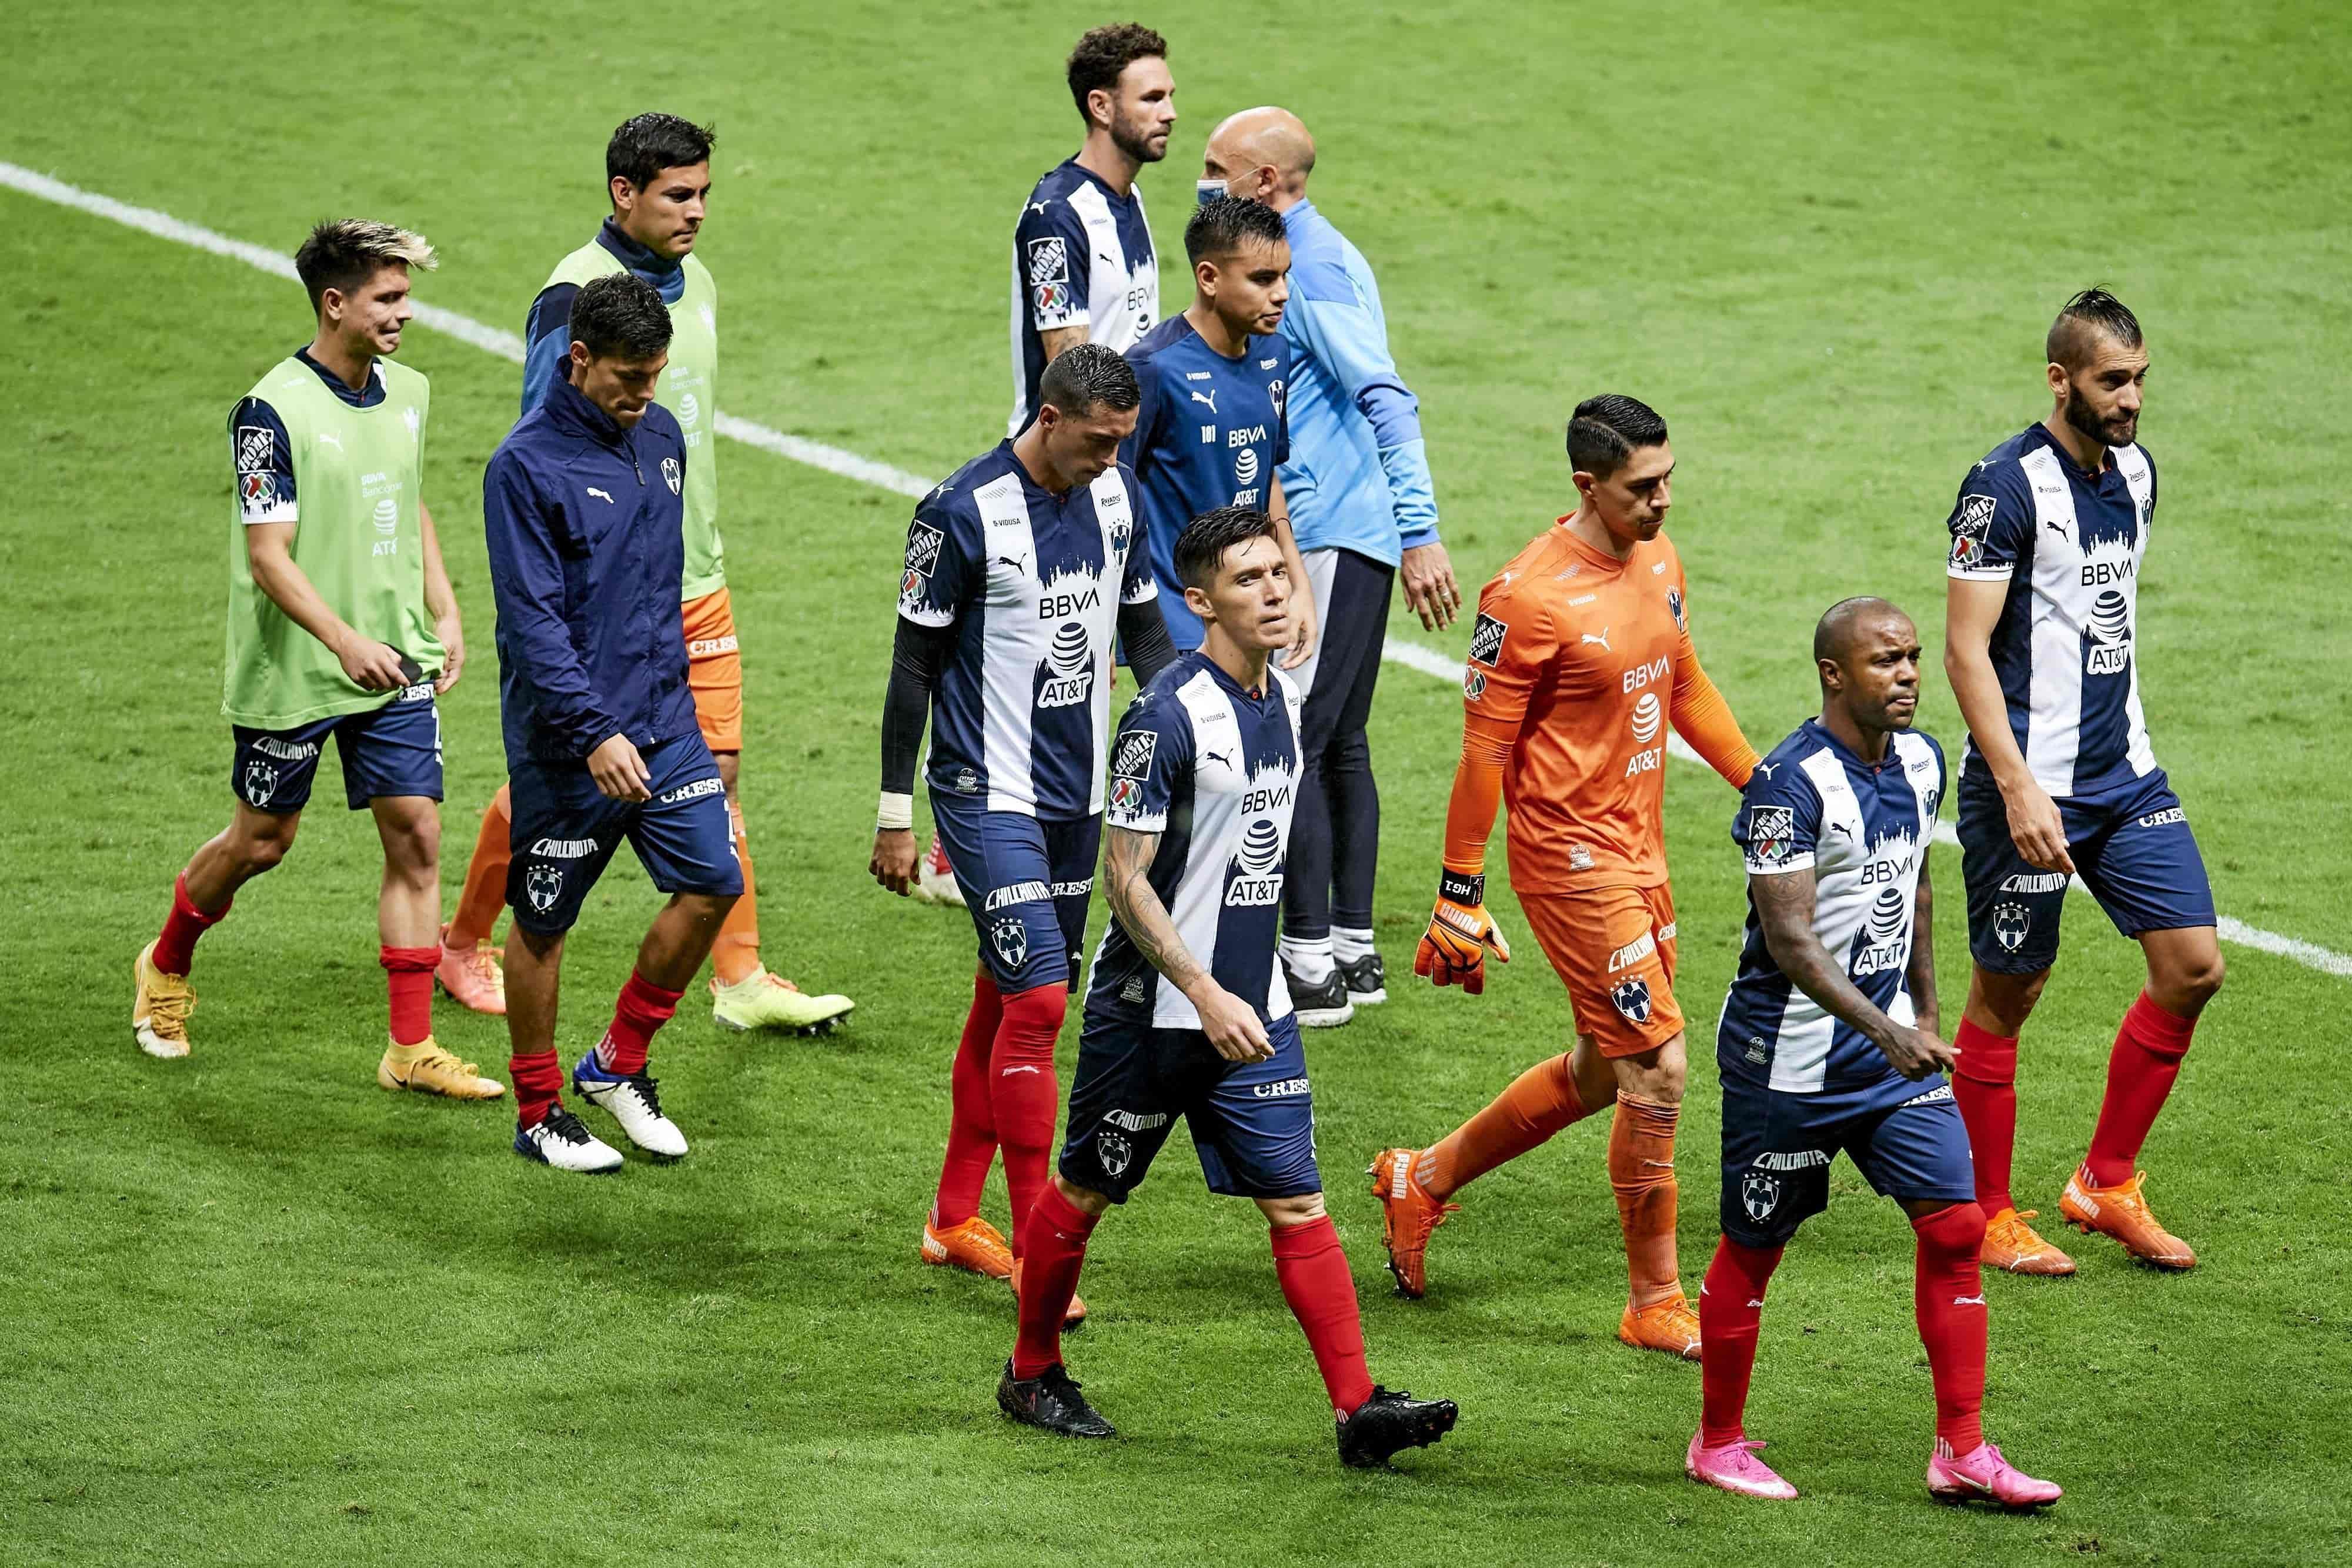 Nicolás Sánchez abrió el marcador al minuto 43